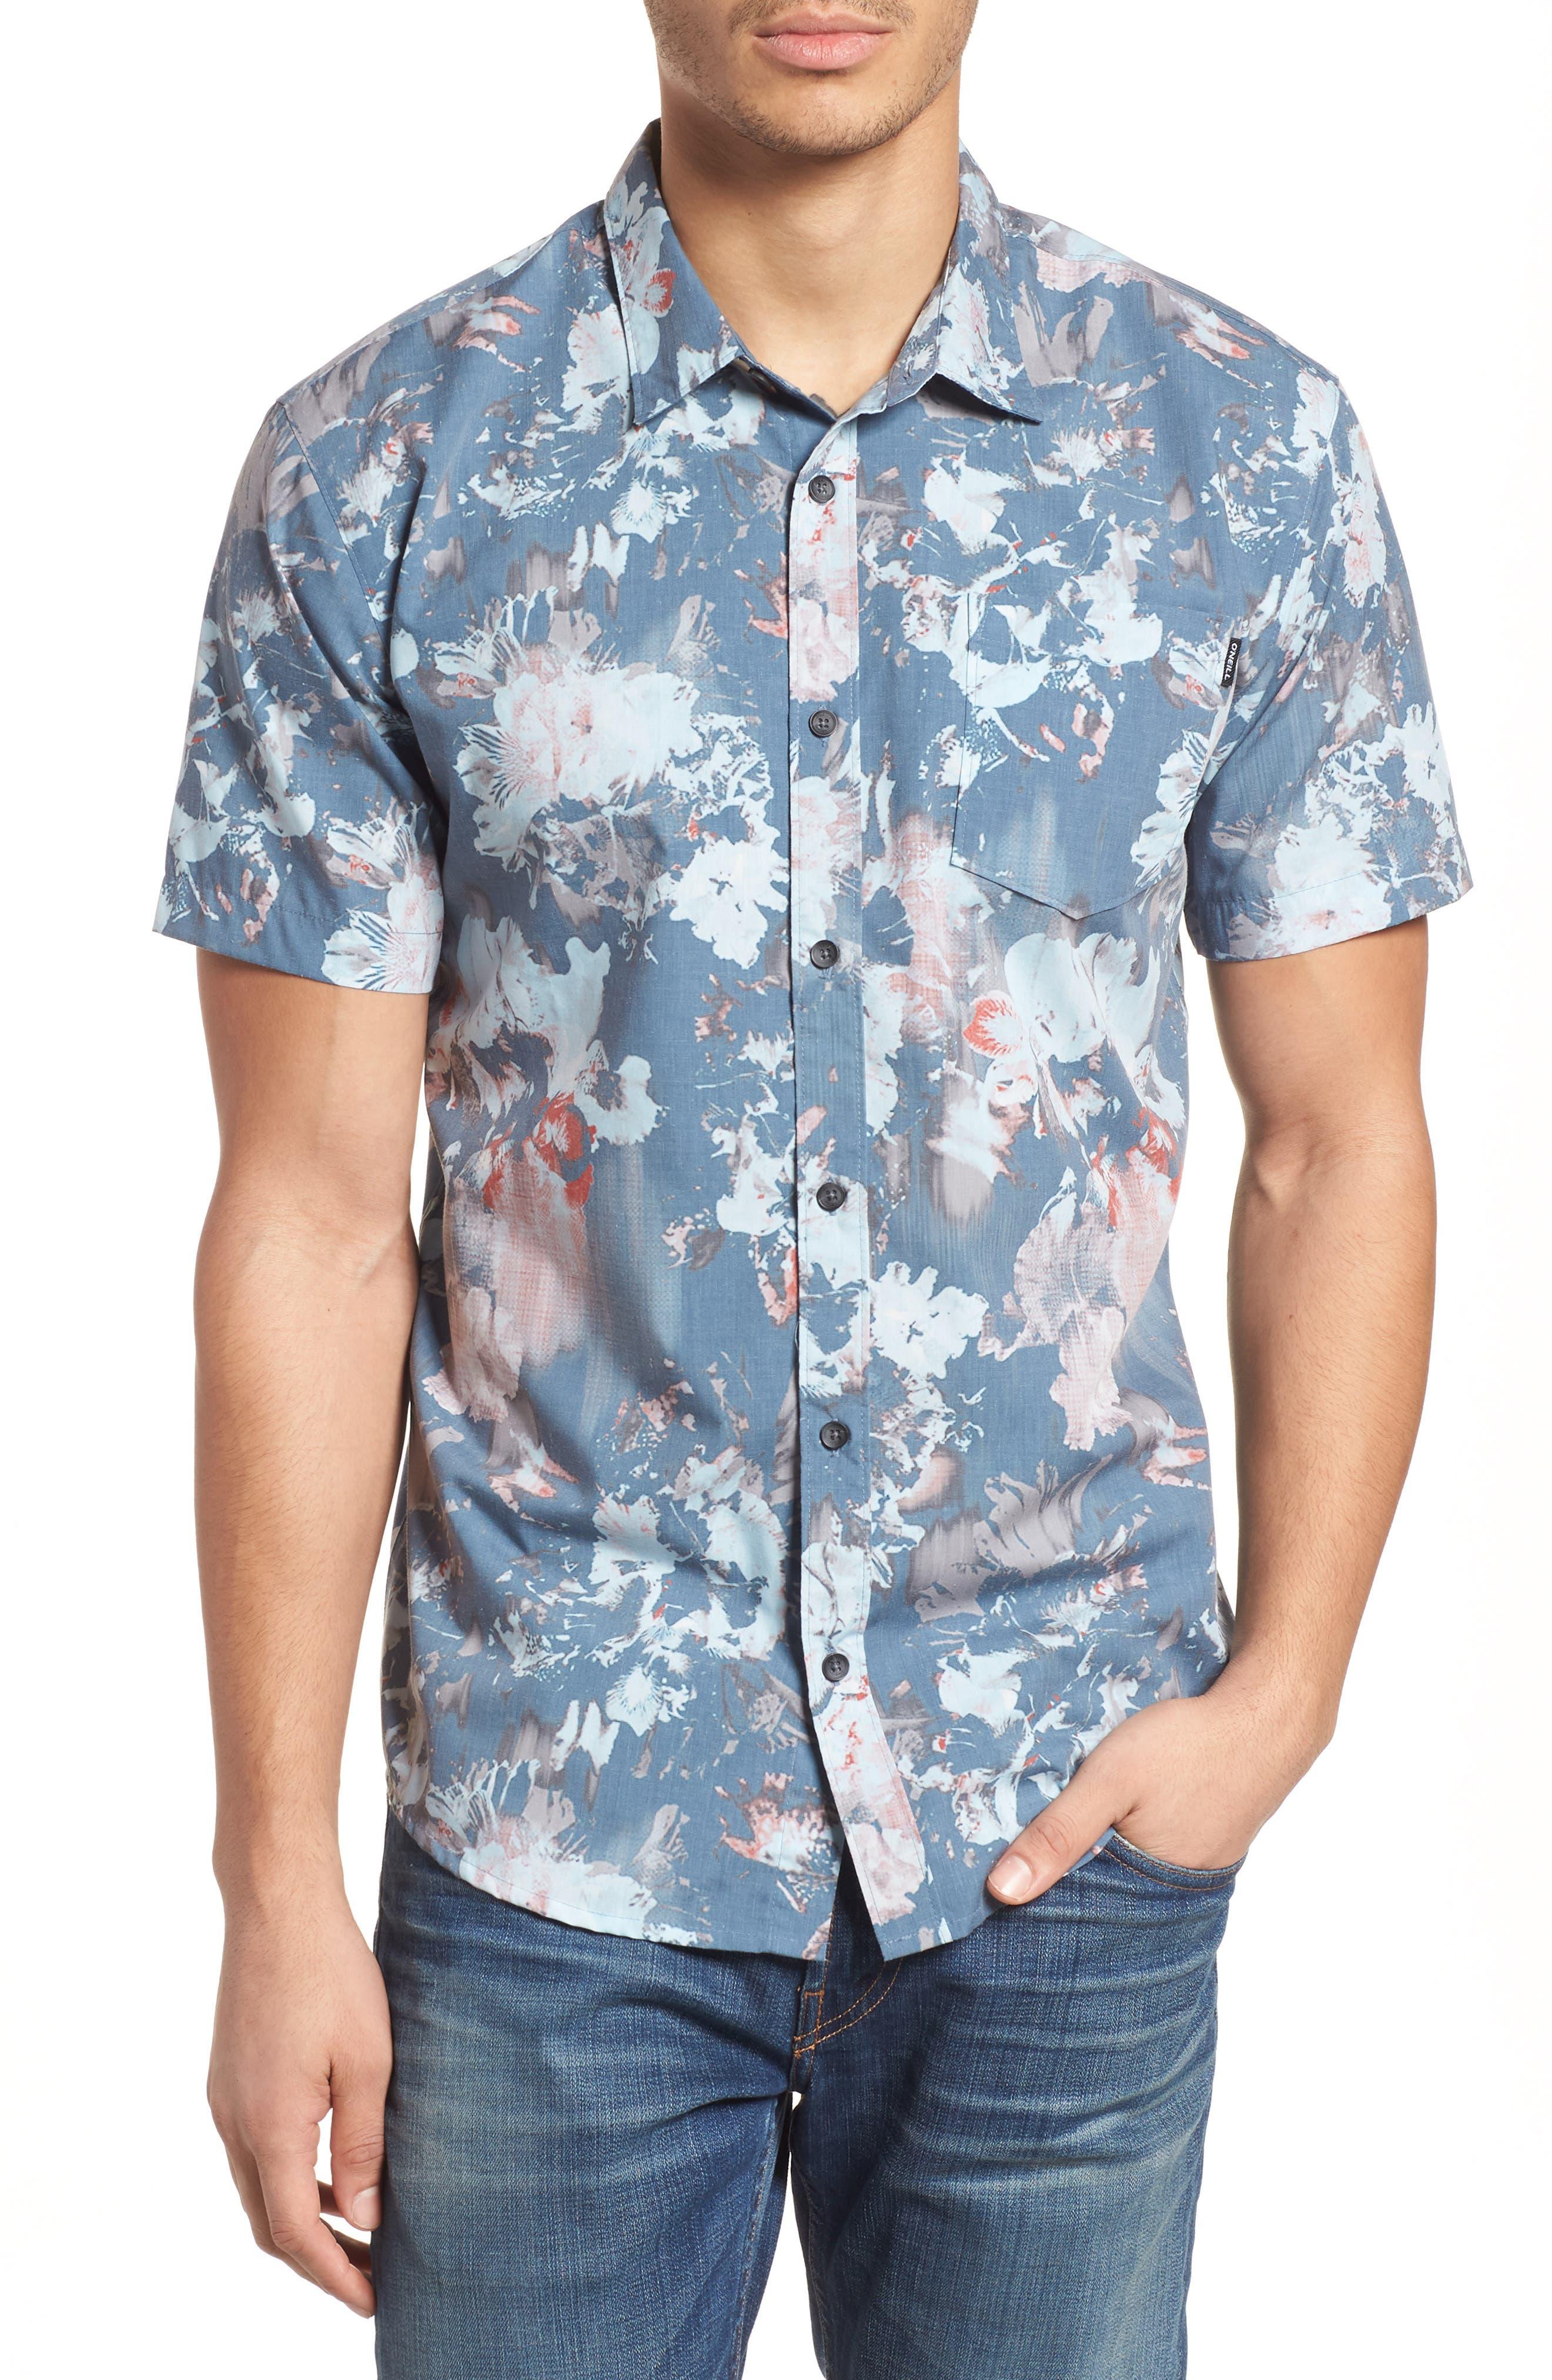 Perennial Woven Shirt,                             Main thumbnail 1, color,                             Dust Blue